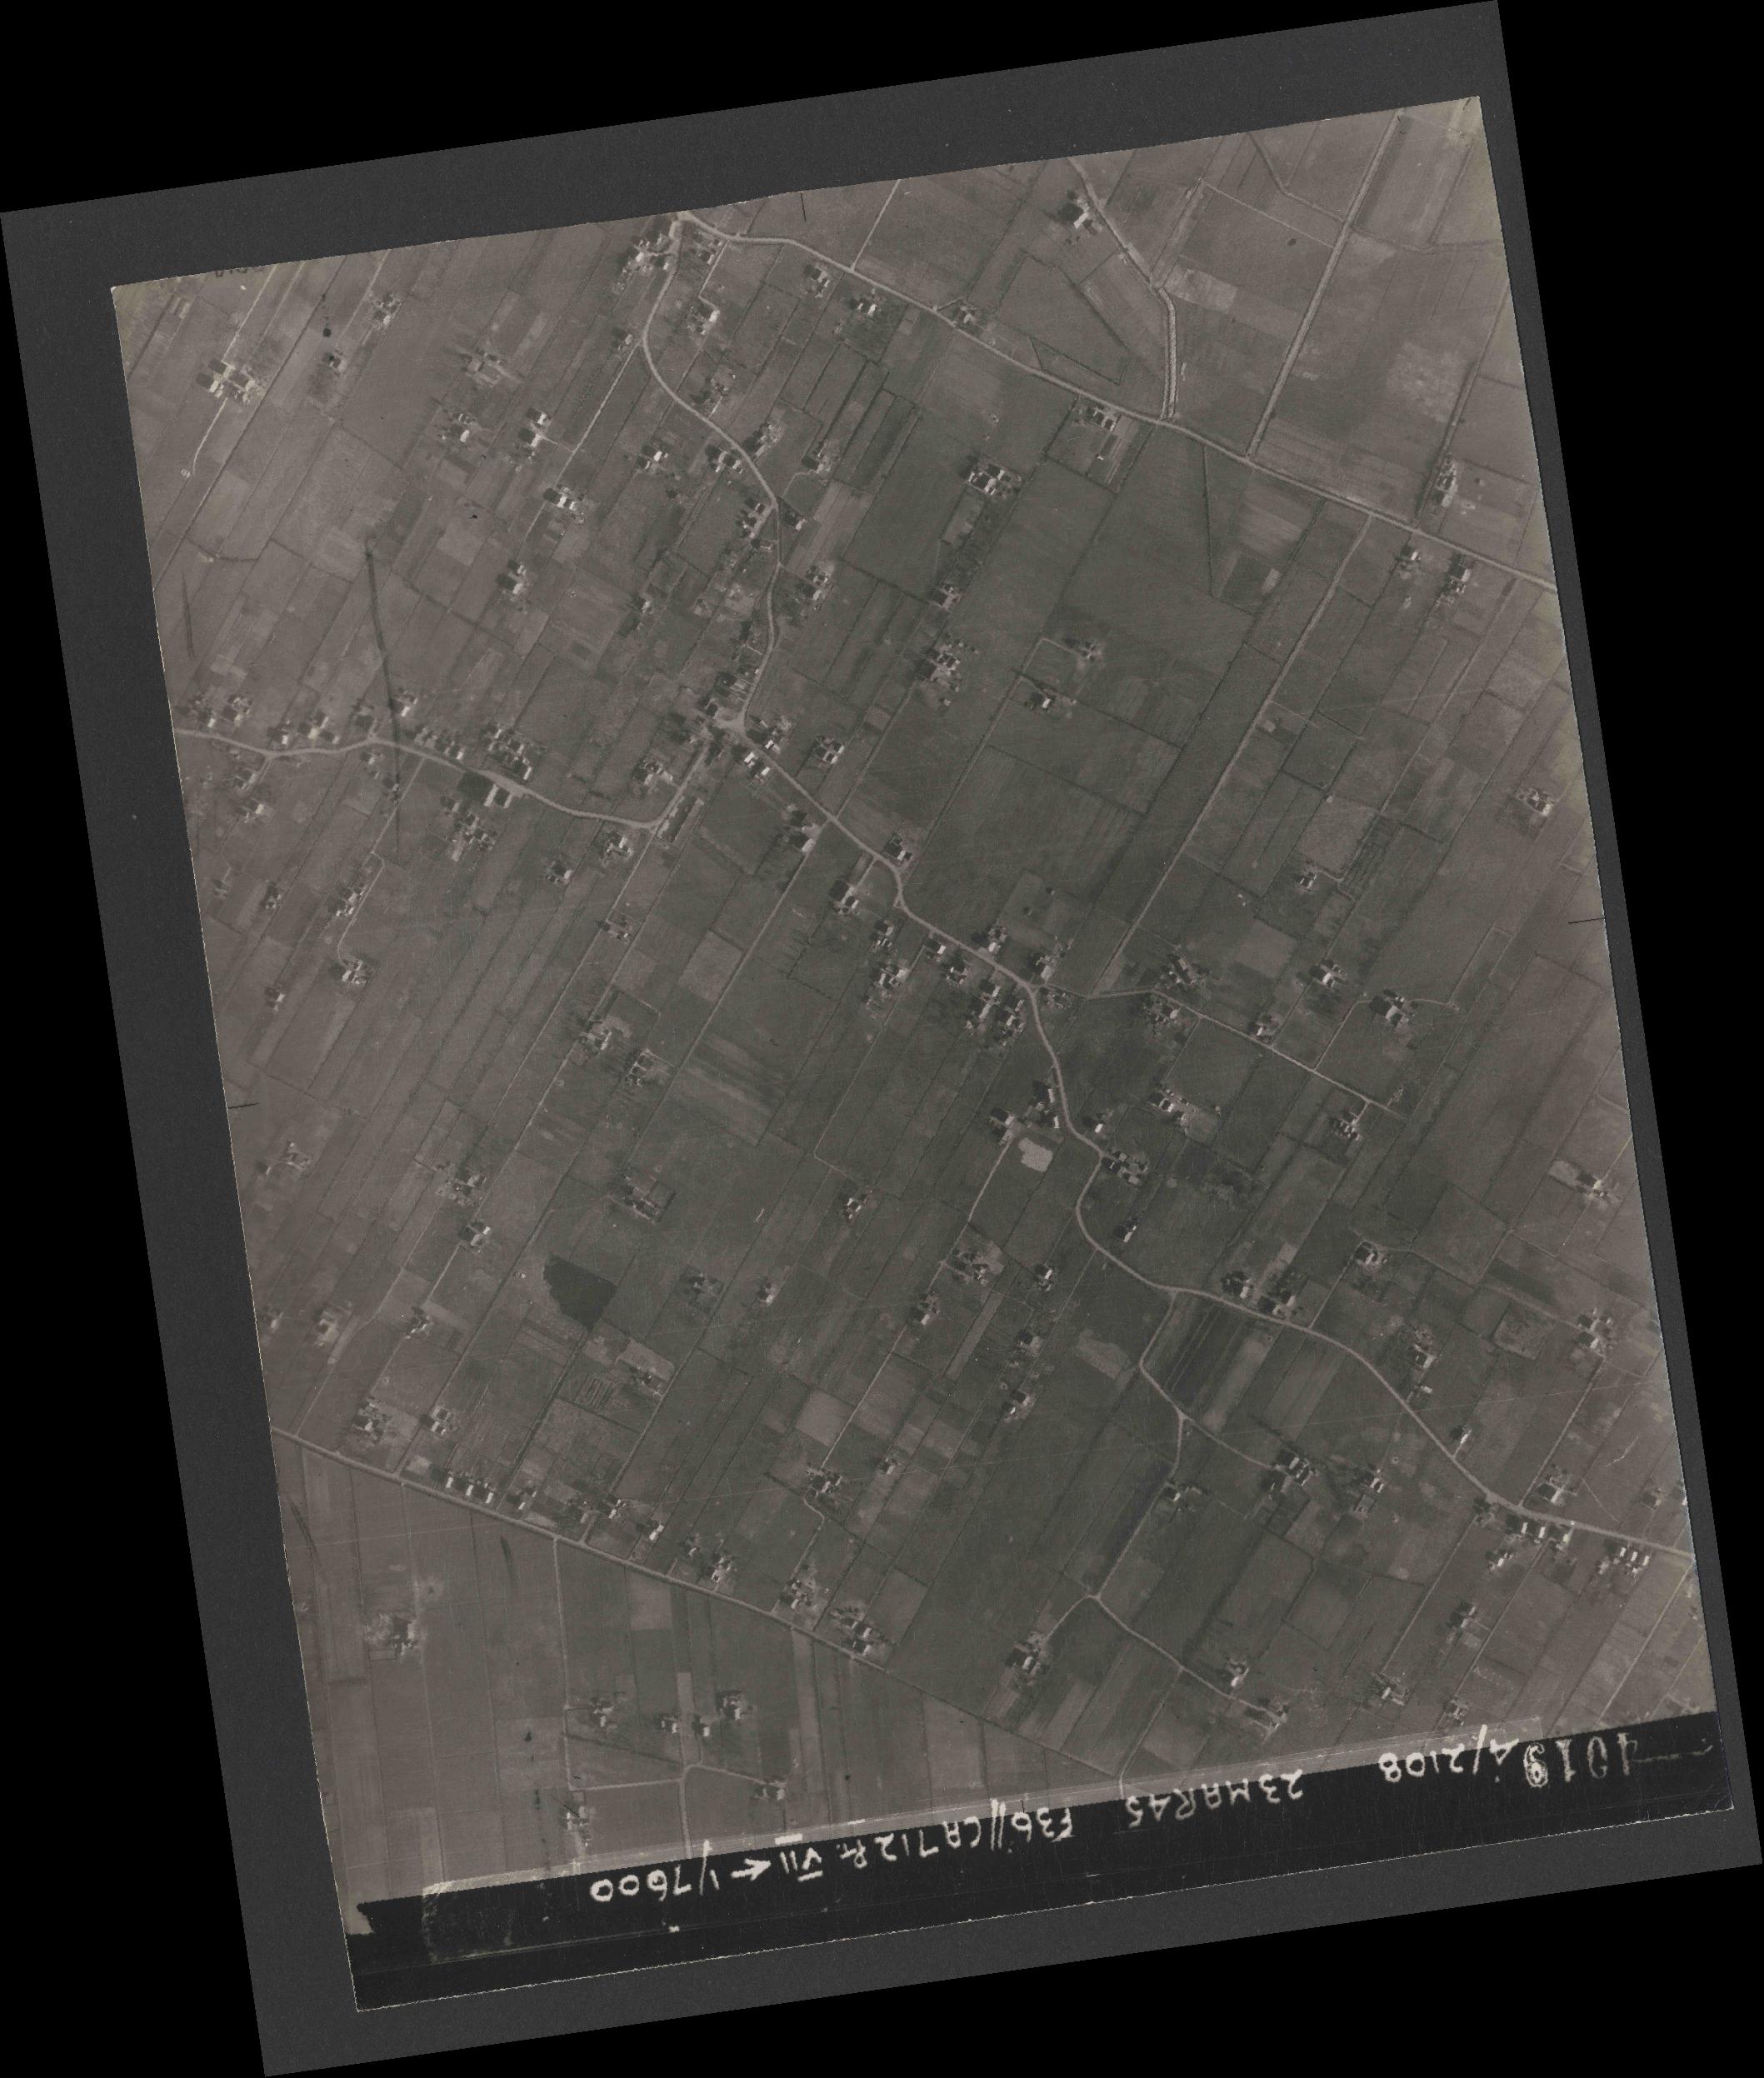 Collection RAF aerial photos 1940-1945 - flight 104, run 09, photo 4019